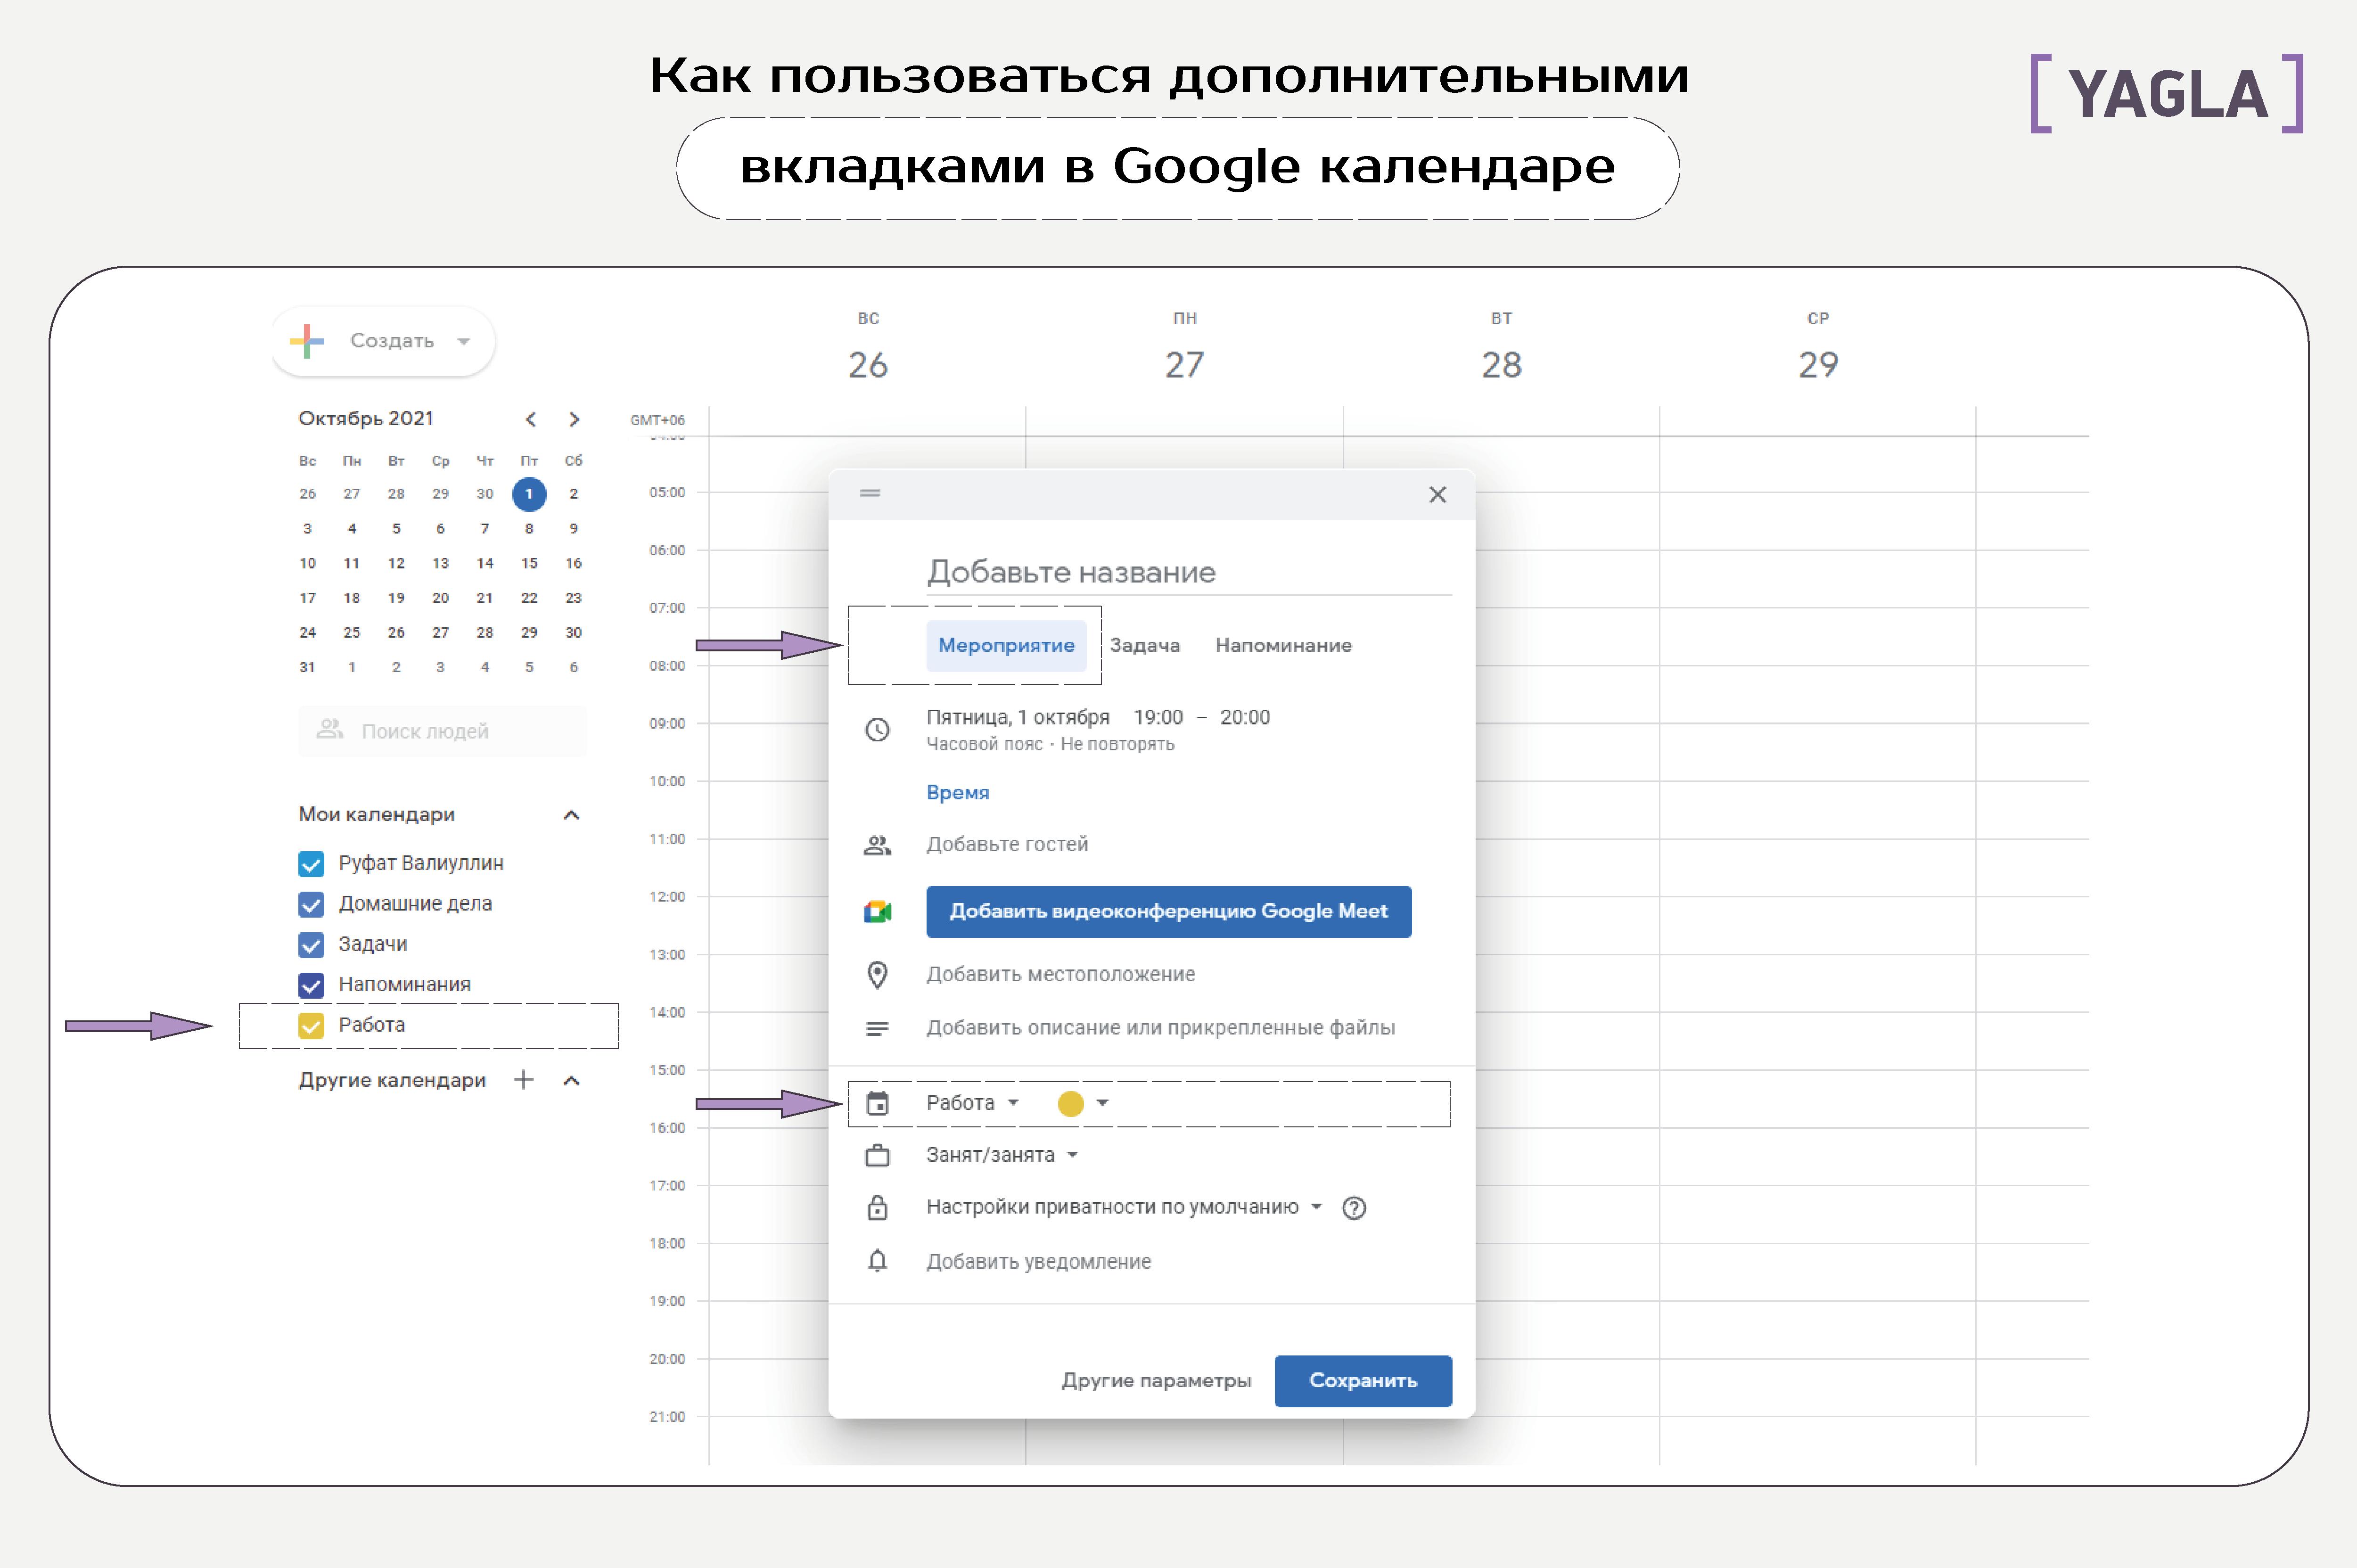 Как пользоваться дополнительными вкладками в Google календаре